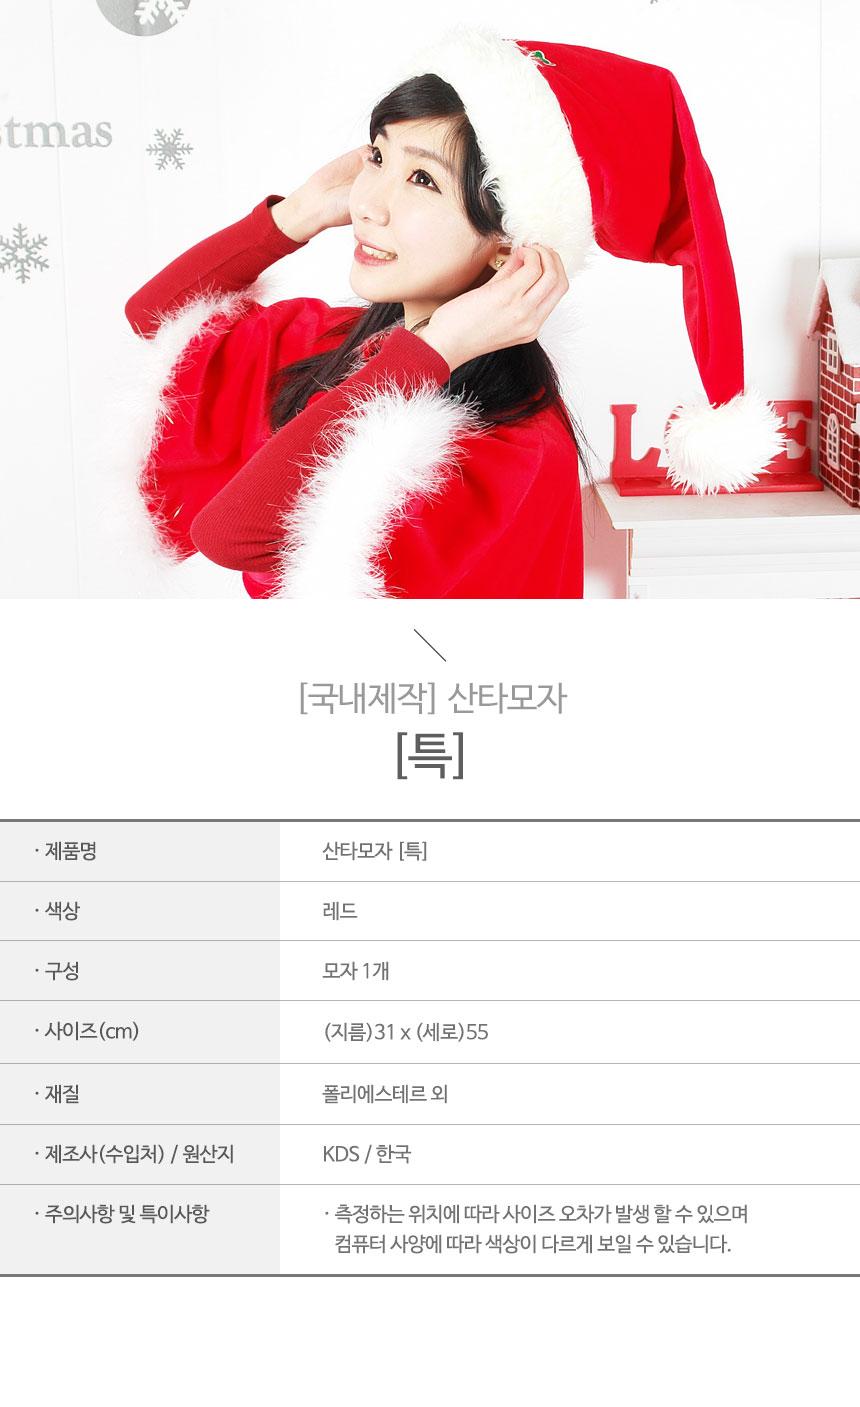 [국내제작] 산타모자 [특] _partypang - 파티팡, 7,000원, 파티의상/잡화, 모자/고깔